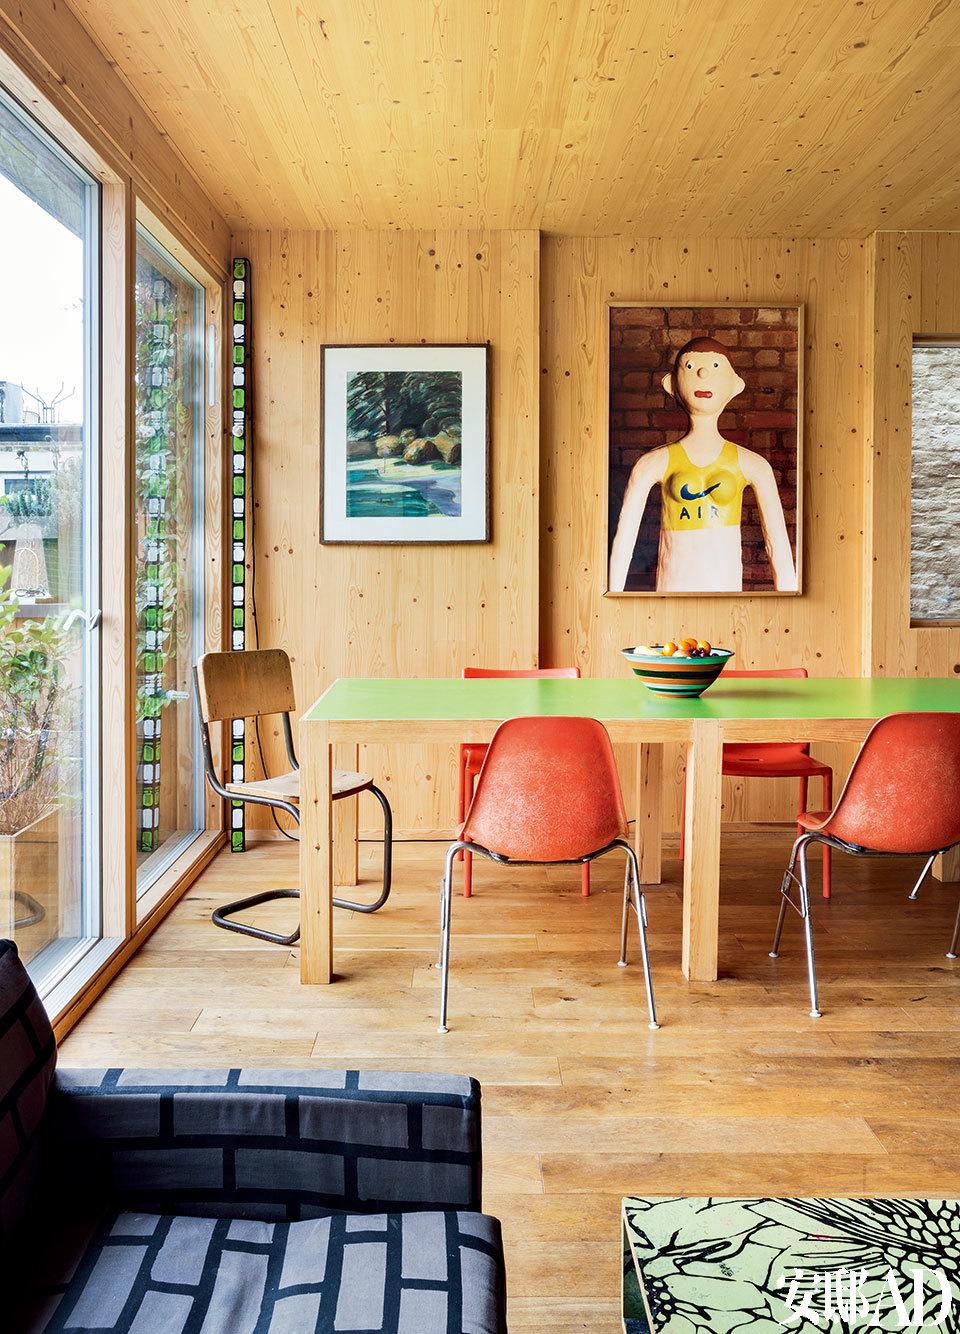 厨房里的一张木质餐桌承担起主要的服务作用,大家既可以围坐在这里吃饭,也可以闲聚聊天,把电脑搬到这里来工作也是很好的选择。在大落地窗旁的一隅竖放着Richard Woods的有光木雕作品《Wooden sculpture with light》 。雕塑旁边是Jill Spanyol 1988年的水彩画作品《Landscape》,接着的肖像画是1996年英国艺术家 Tim Steward 和 James White的作品。近处的橙色椅子是Charles 和 Ray Eames设计的School Chair,桌子的另外一头摆放着的是由Magis生产Jasper Morrison设计的Air Chair。